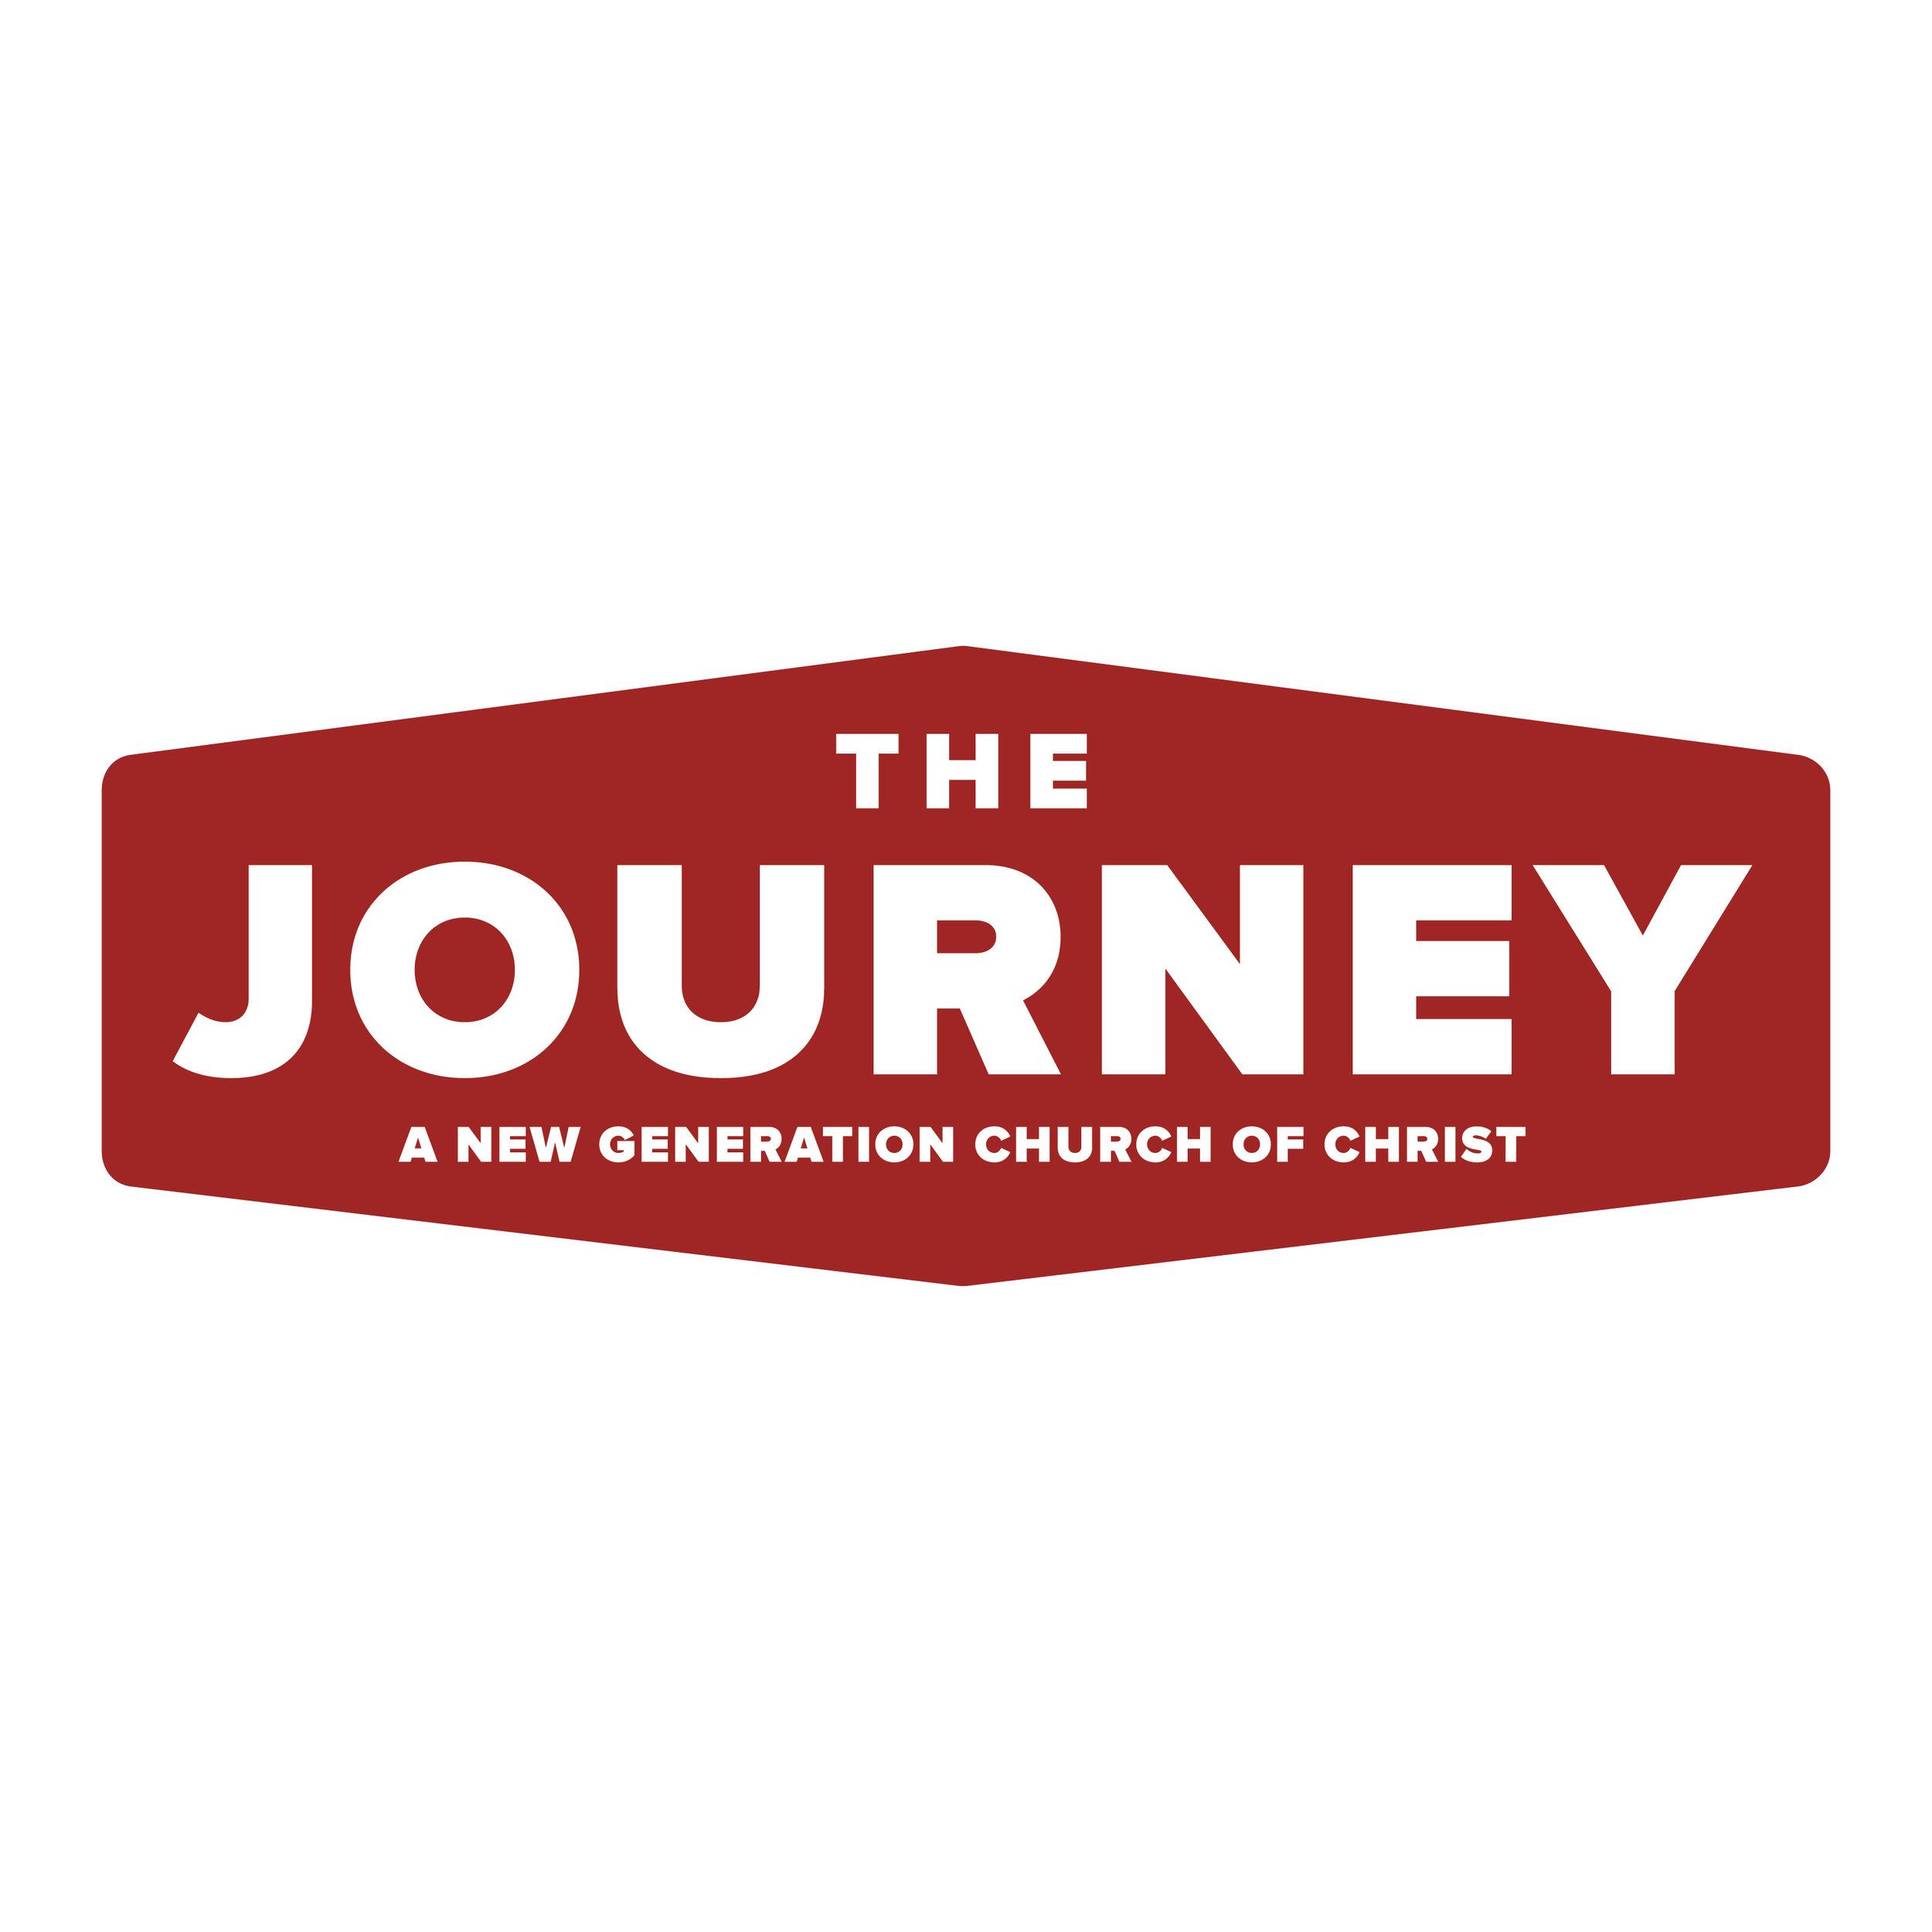 2019 Run sponsor square logos_Journey.jpg